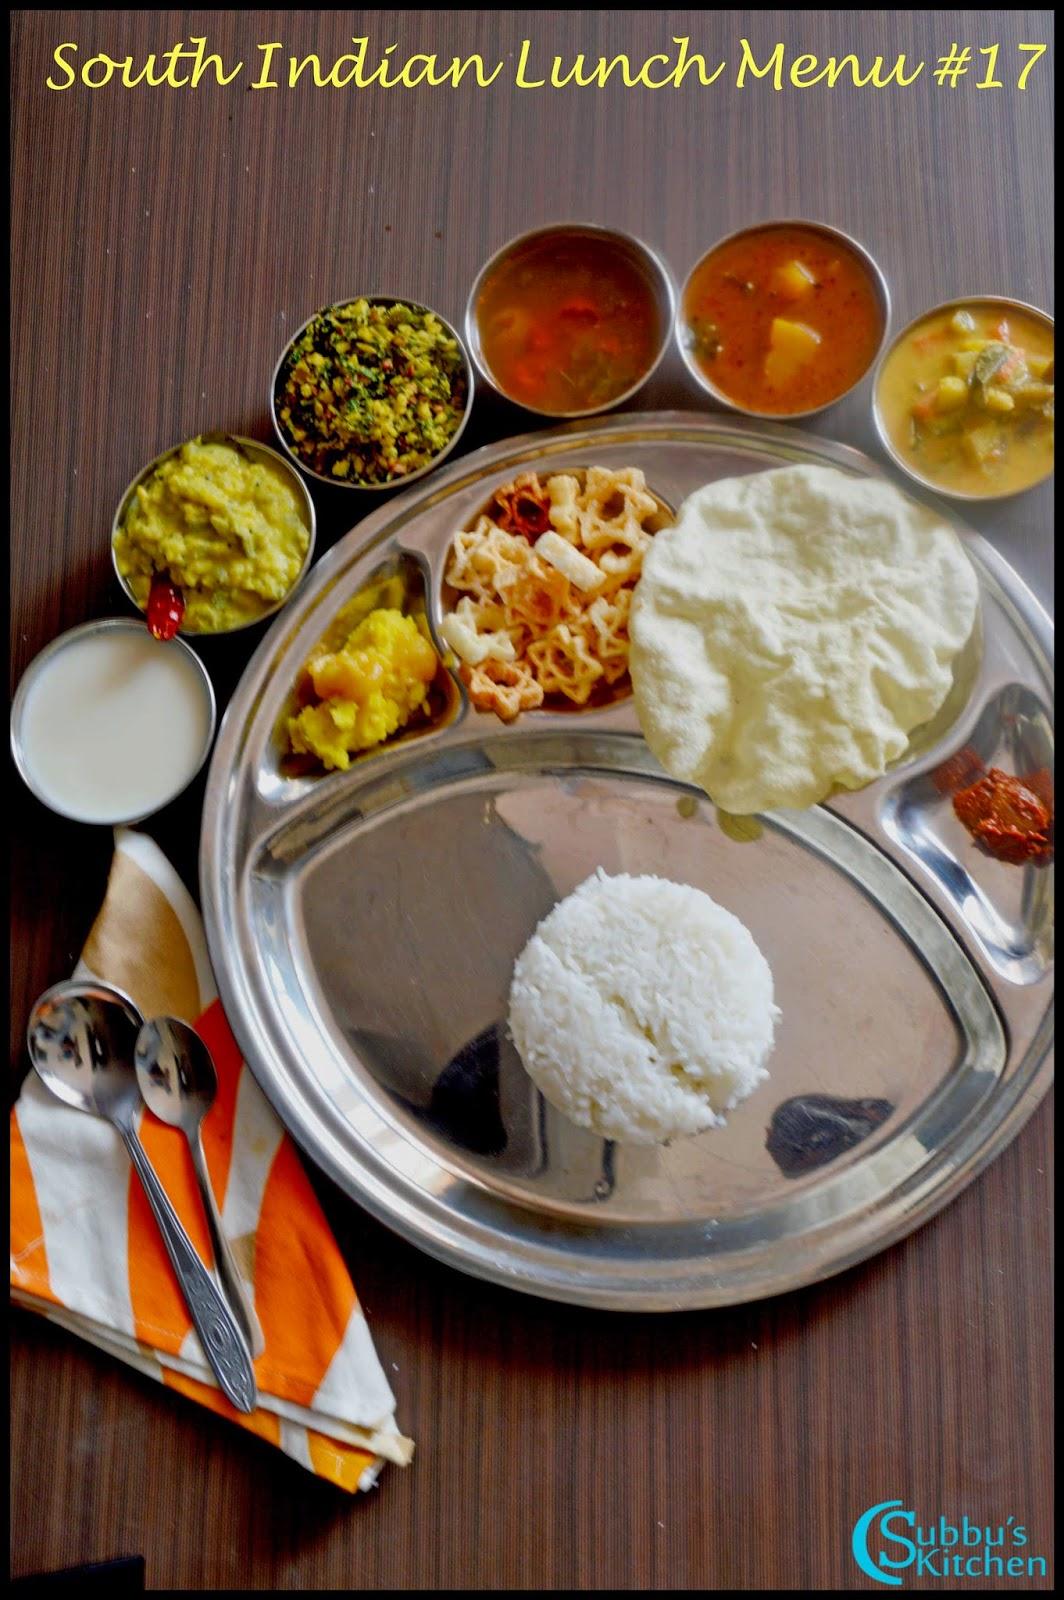 South Indian Lunch Menu 17 - Parangikkai Puli Kuzhambu, Aviyal Kuzhambu, Vengaya Rasam, Vendaya Keerai Thuvaran, Peerkangai kootu